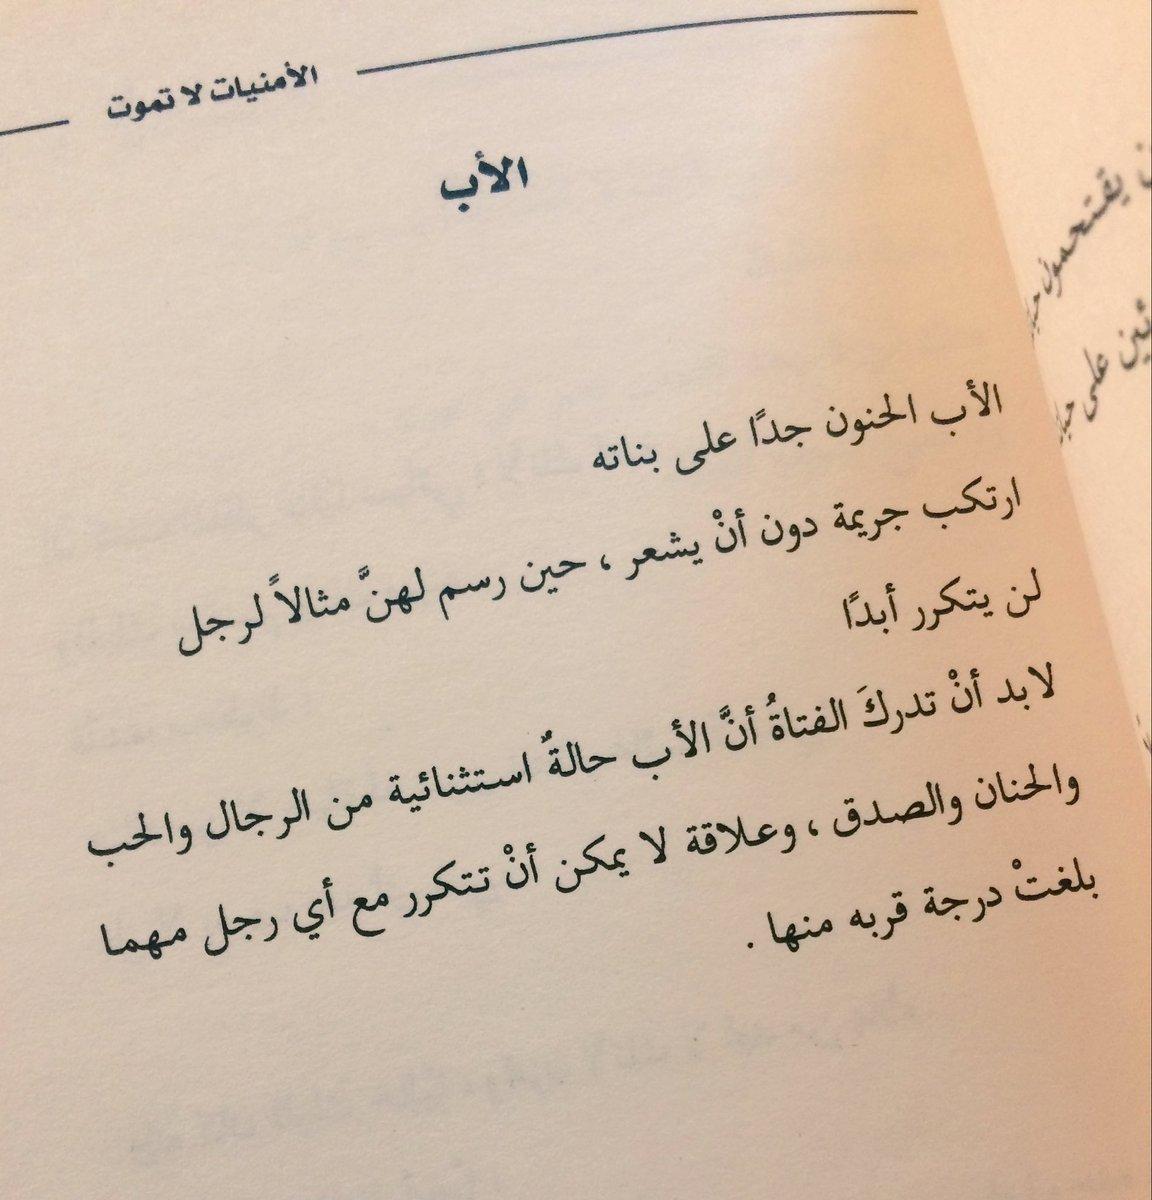 كلمات قصيره عن الاب الحنون Aiqtabas Blog